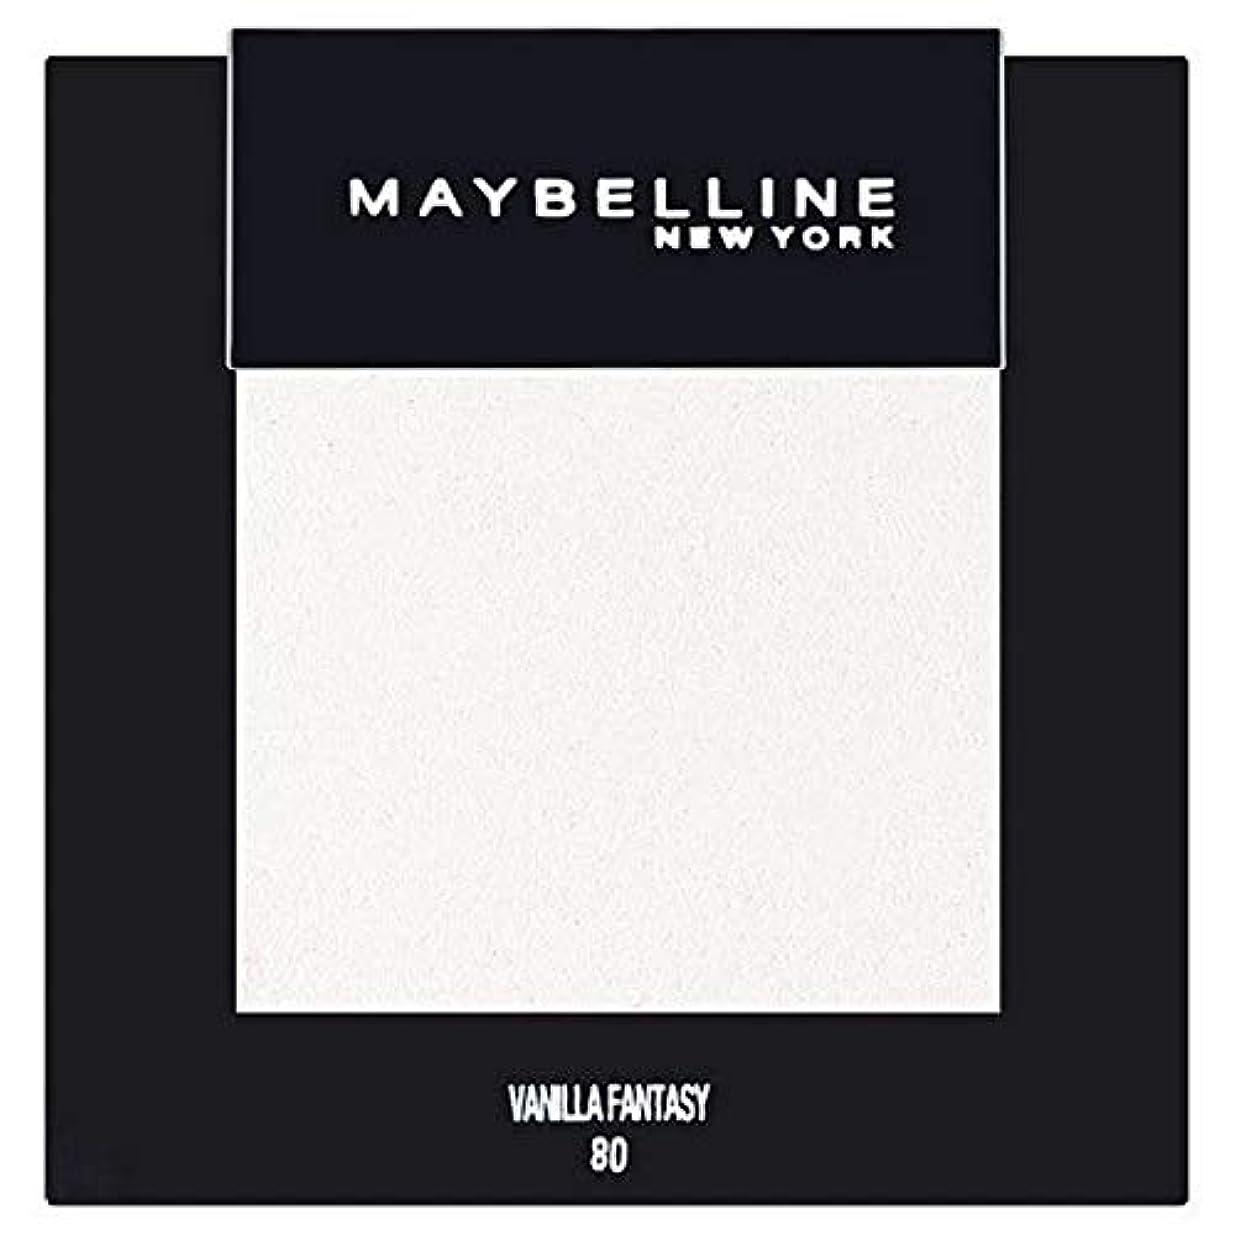 ミュート指エール[Maybelline ] メイベリンカラーショーシングルアイシャドウ80バニラ - Maybelline Color Show Single Eyeshadow 80 Vanilla [並行輸入品]